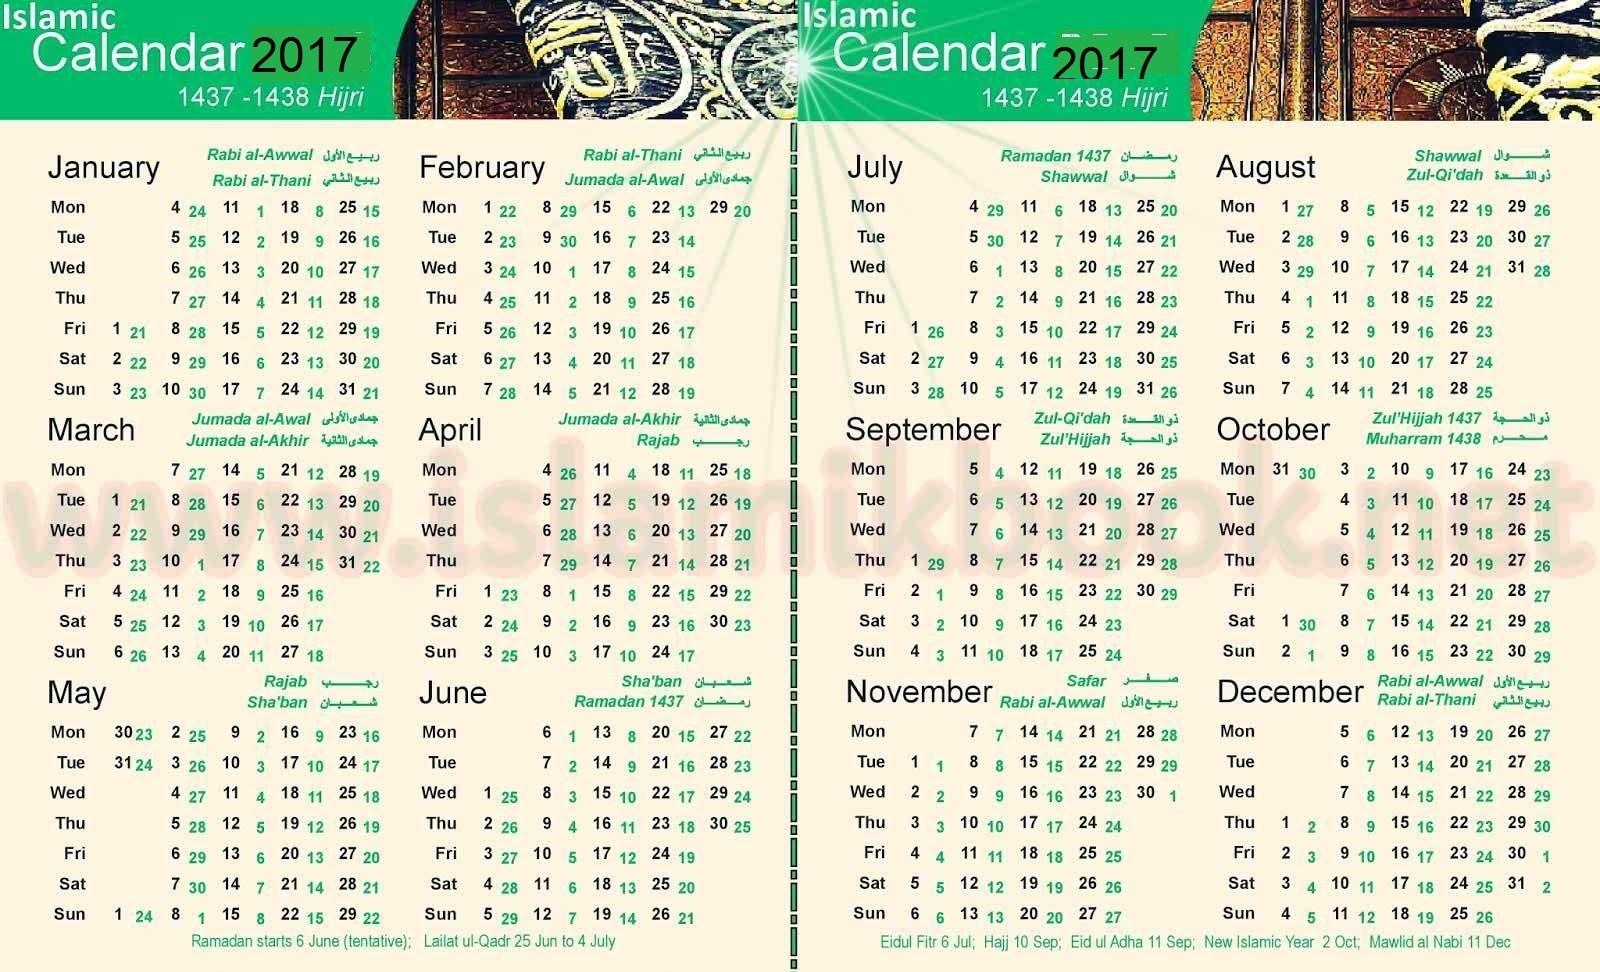 Islamic Calendar 2018 | Hijri Calendar 1439 inside Urdu Calendar With Time Table